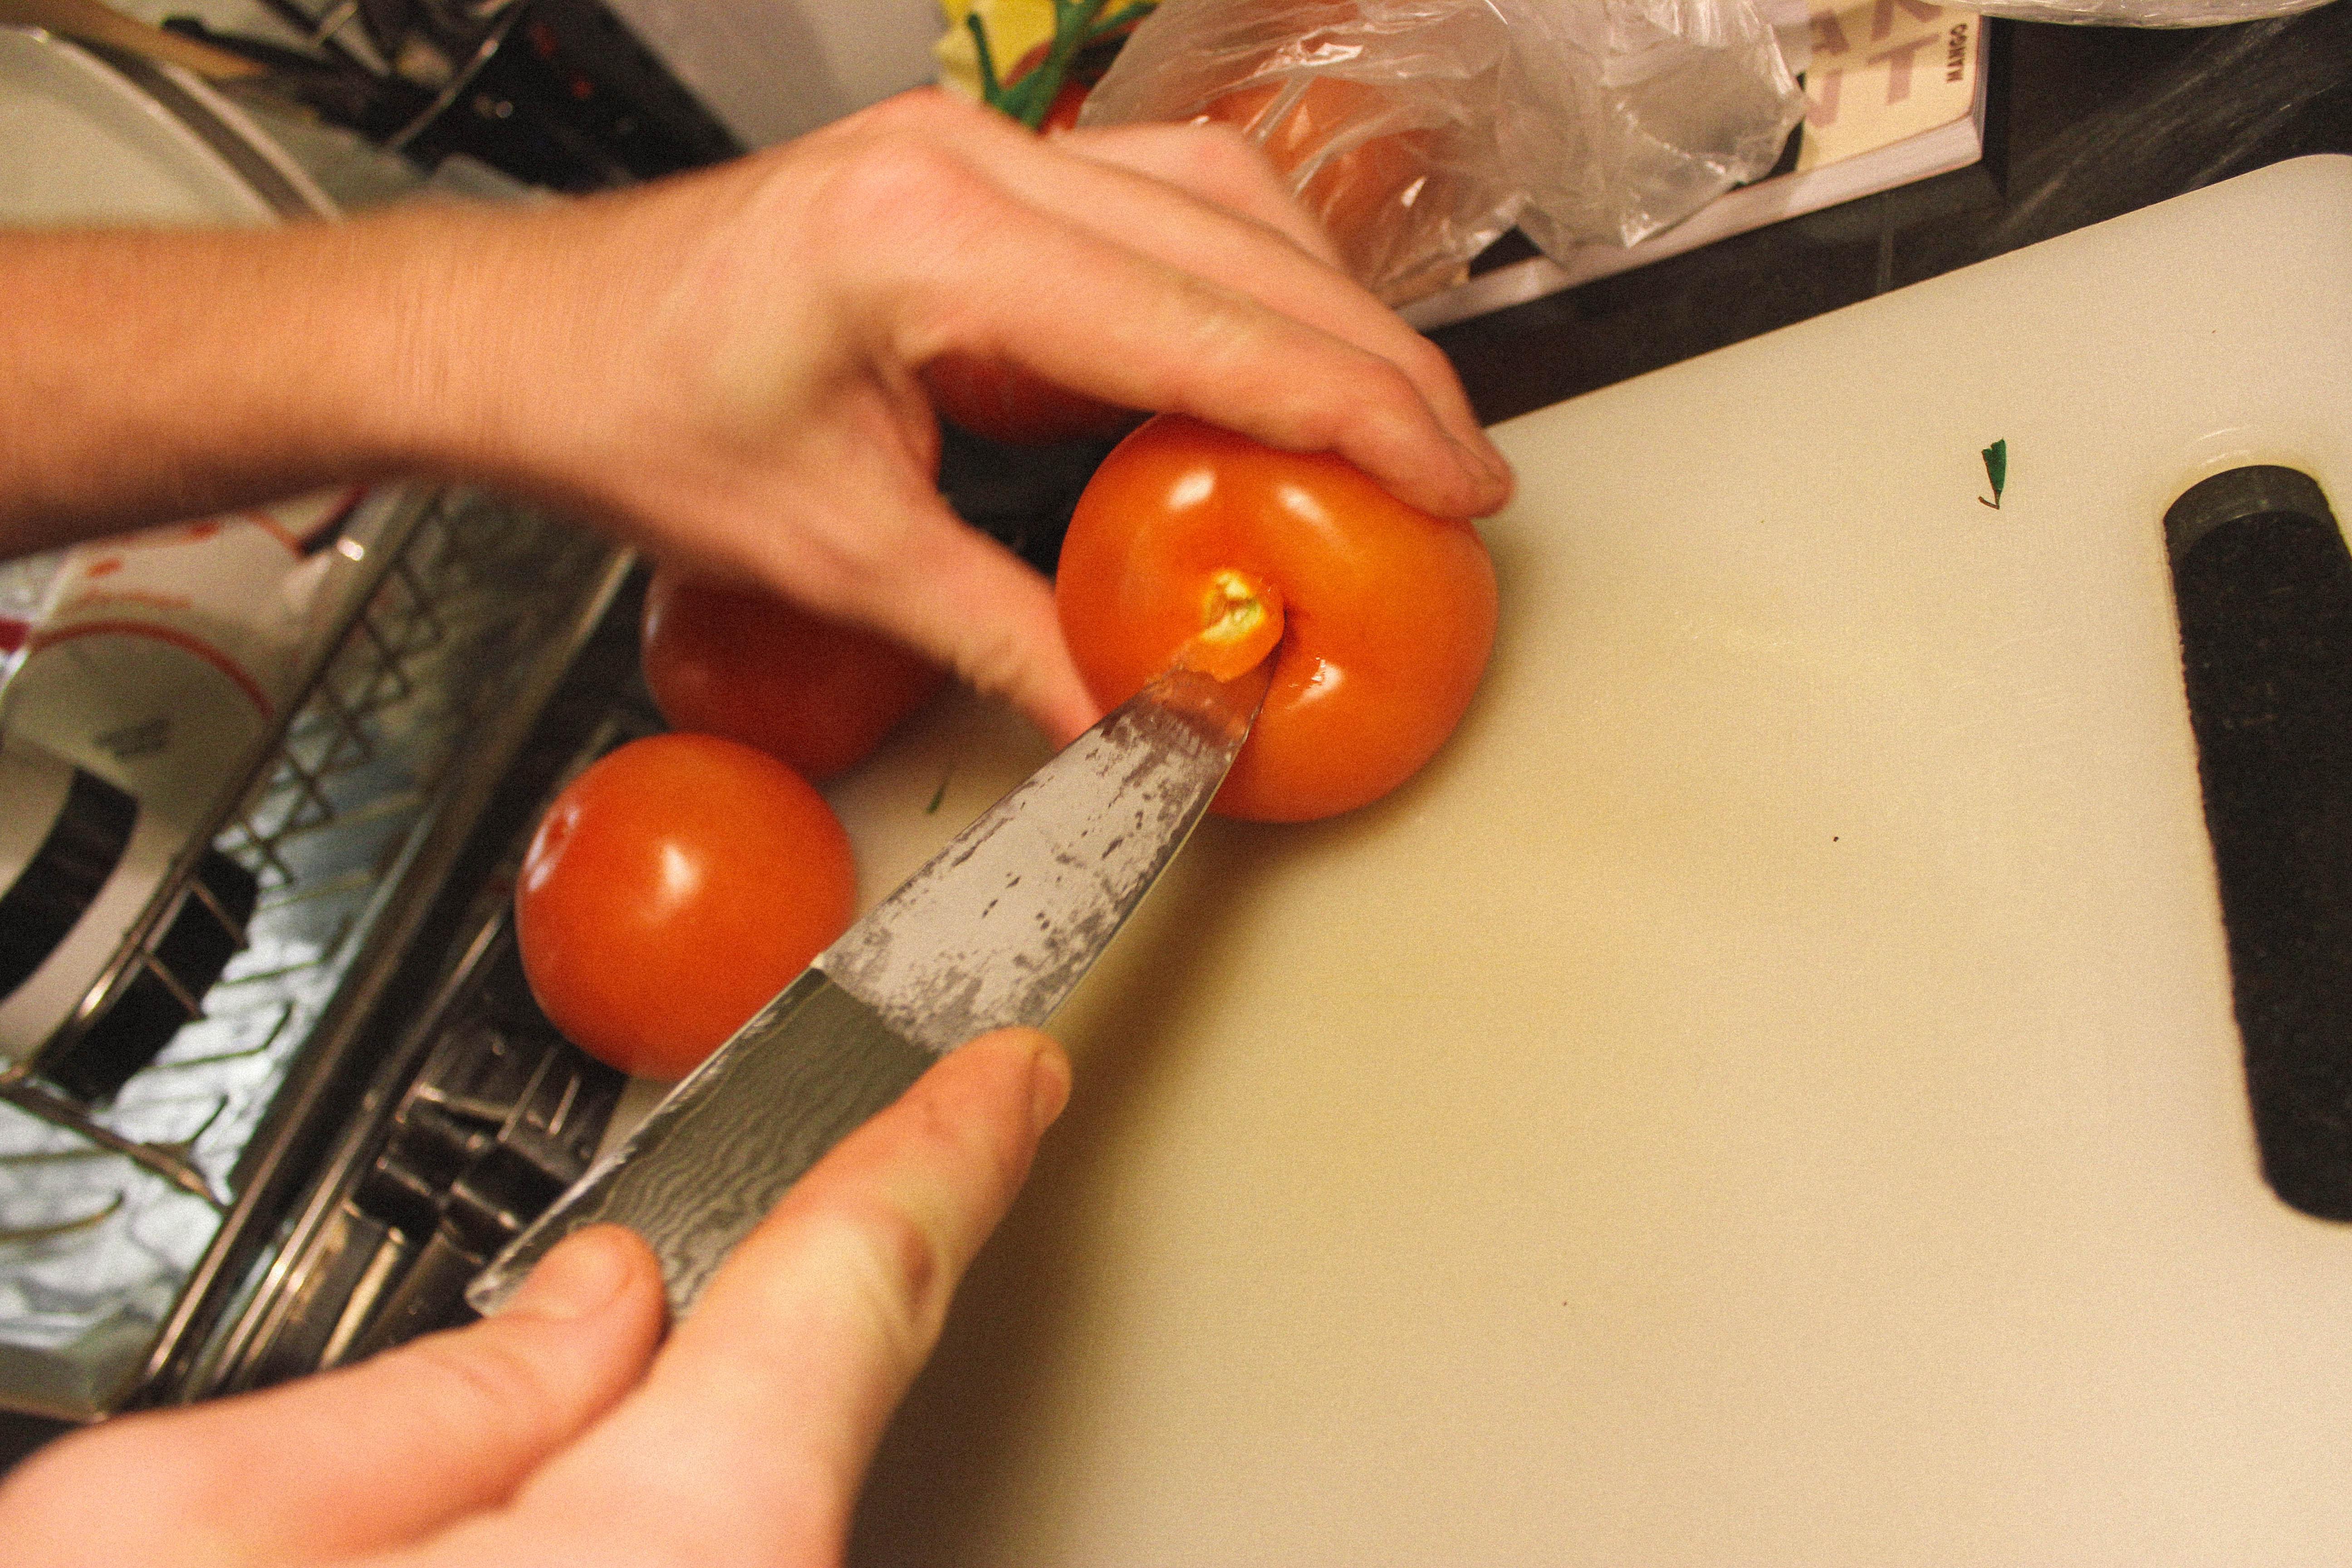 Preparing Tomato - starter